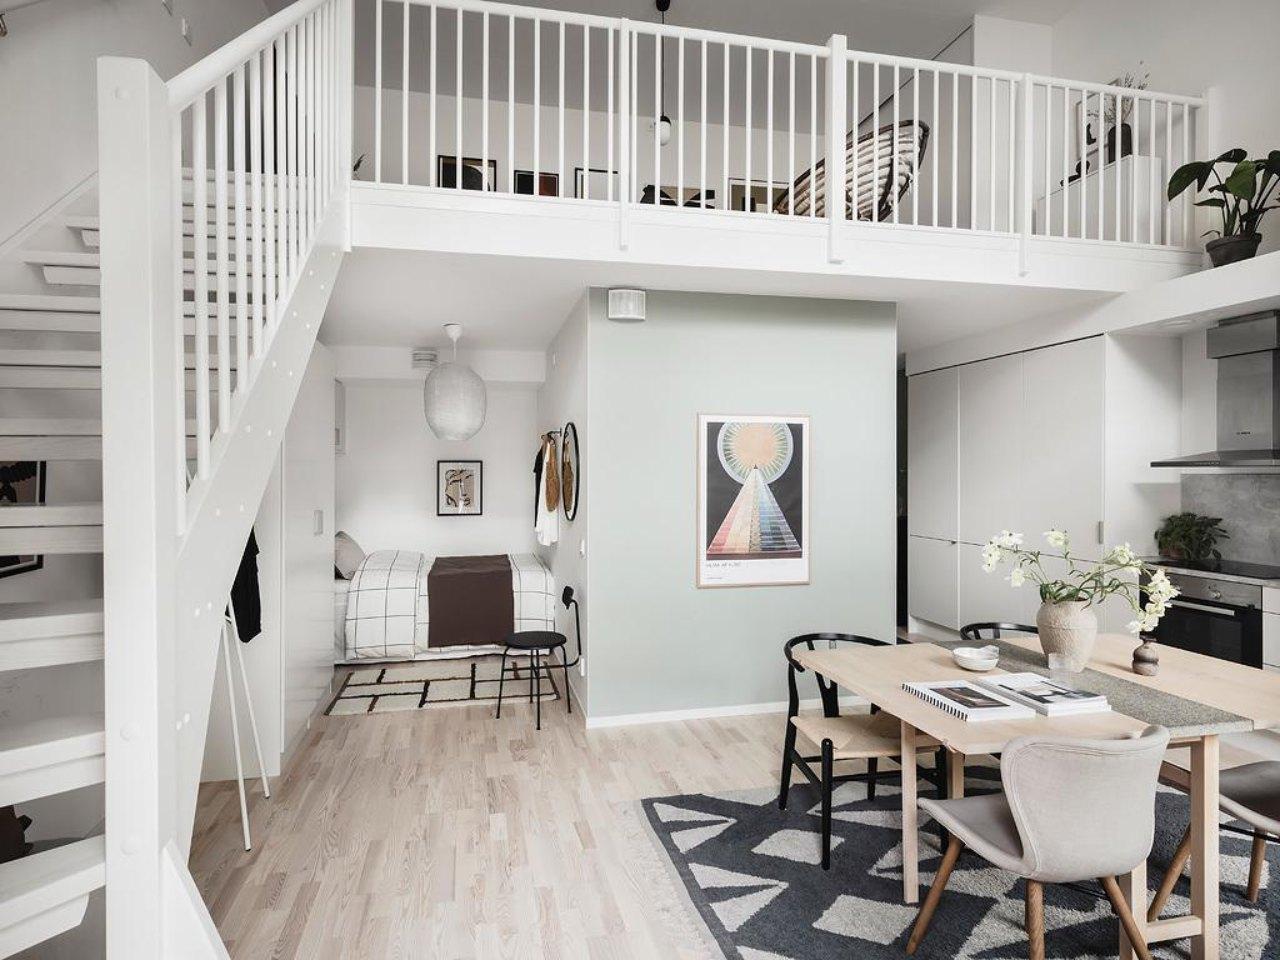 thiết kế căn hộ nhỏ hiện đại